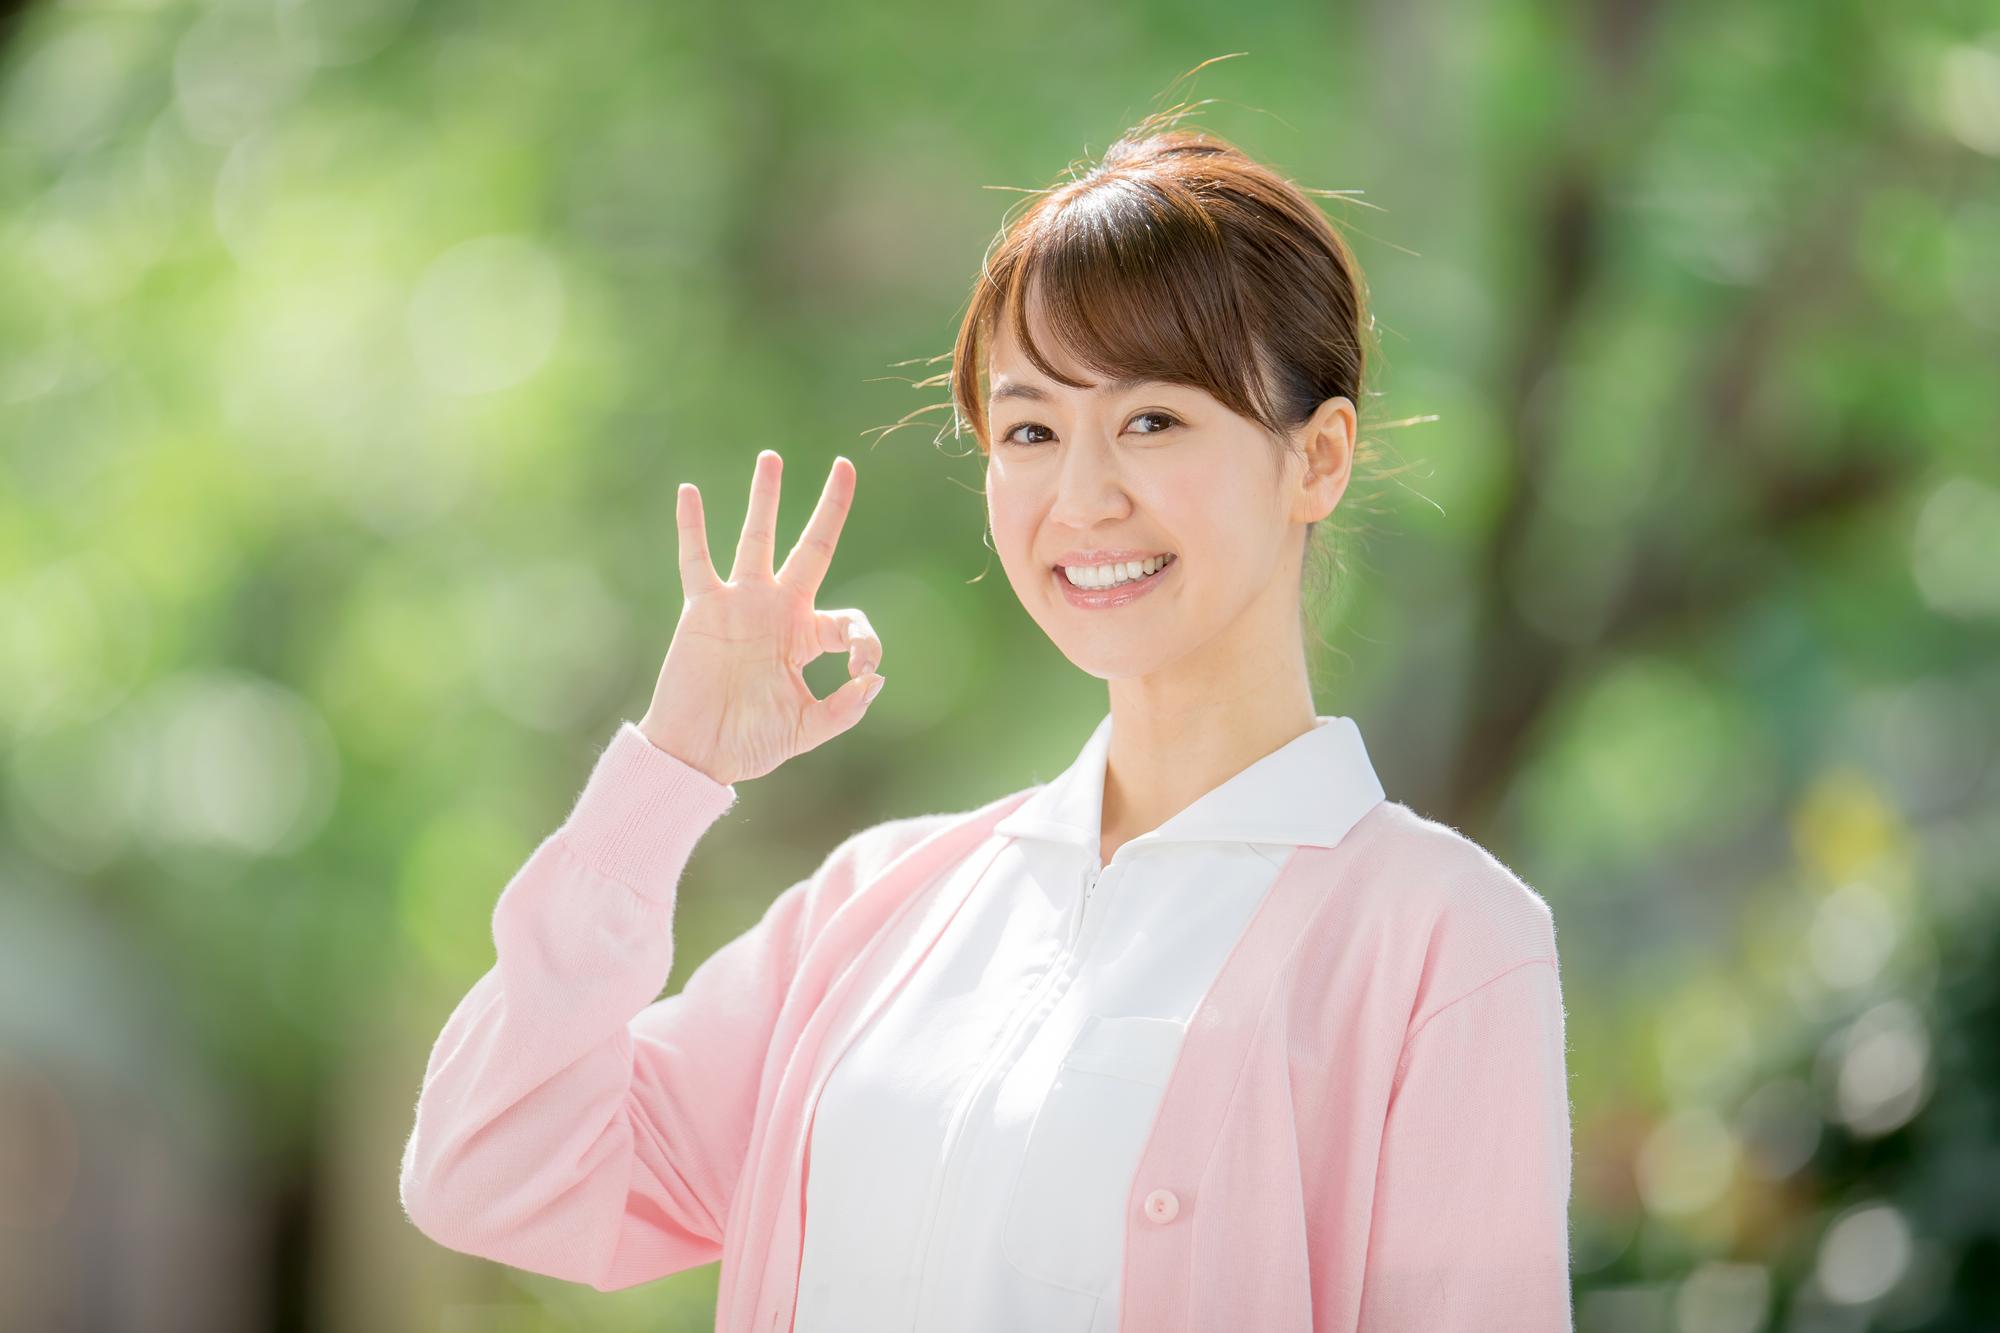 大阪の看護師バイト求人を探す